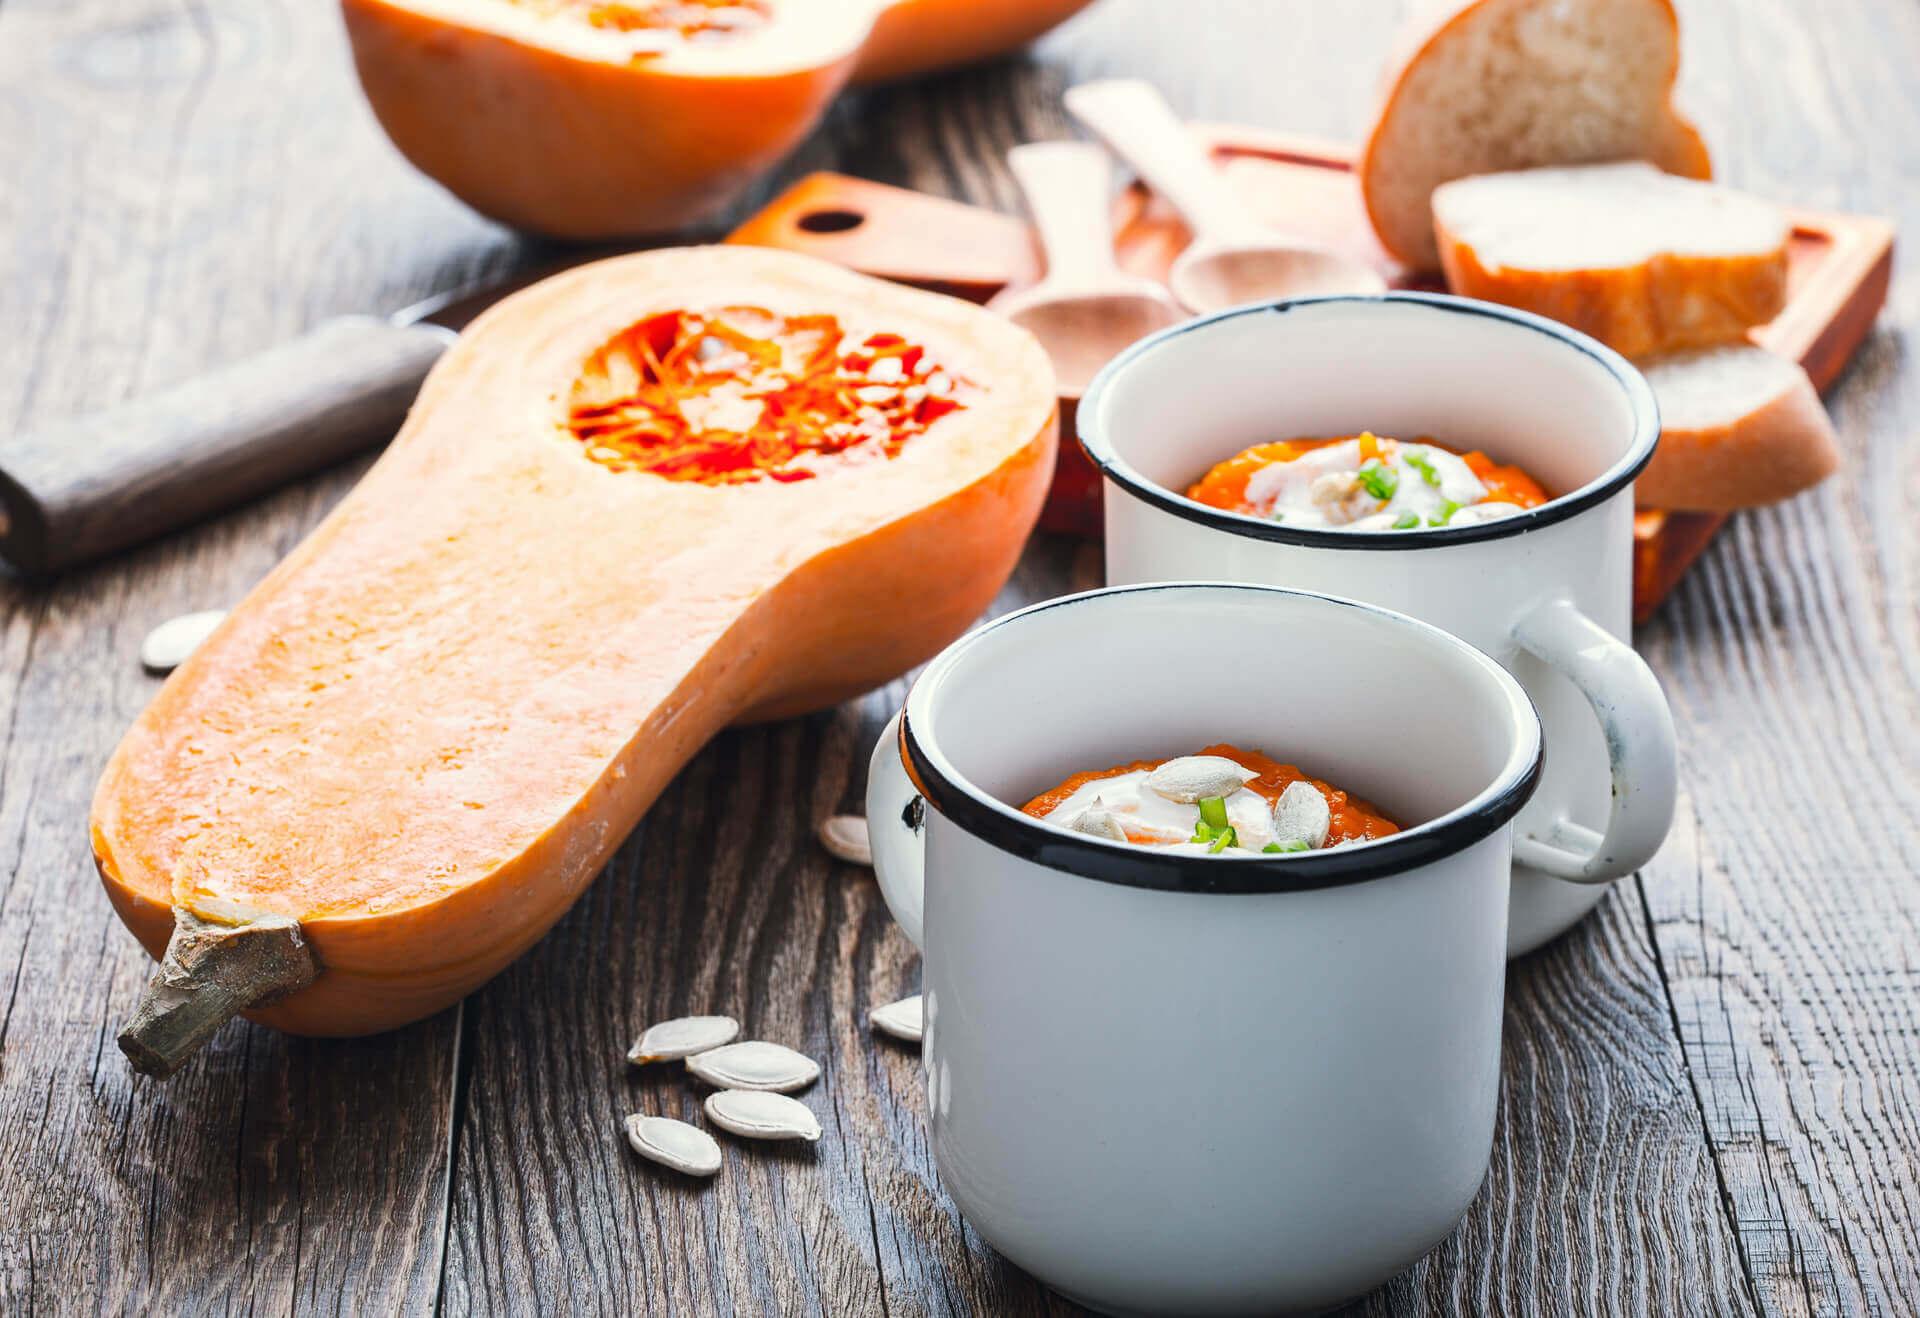 Velouté de Butternut au lait de coco/curry